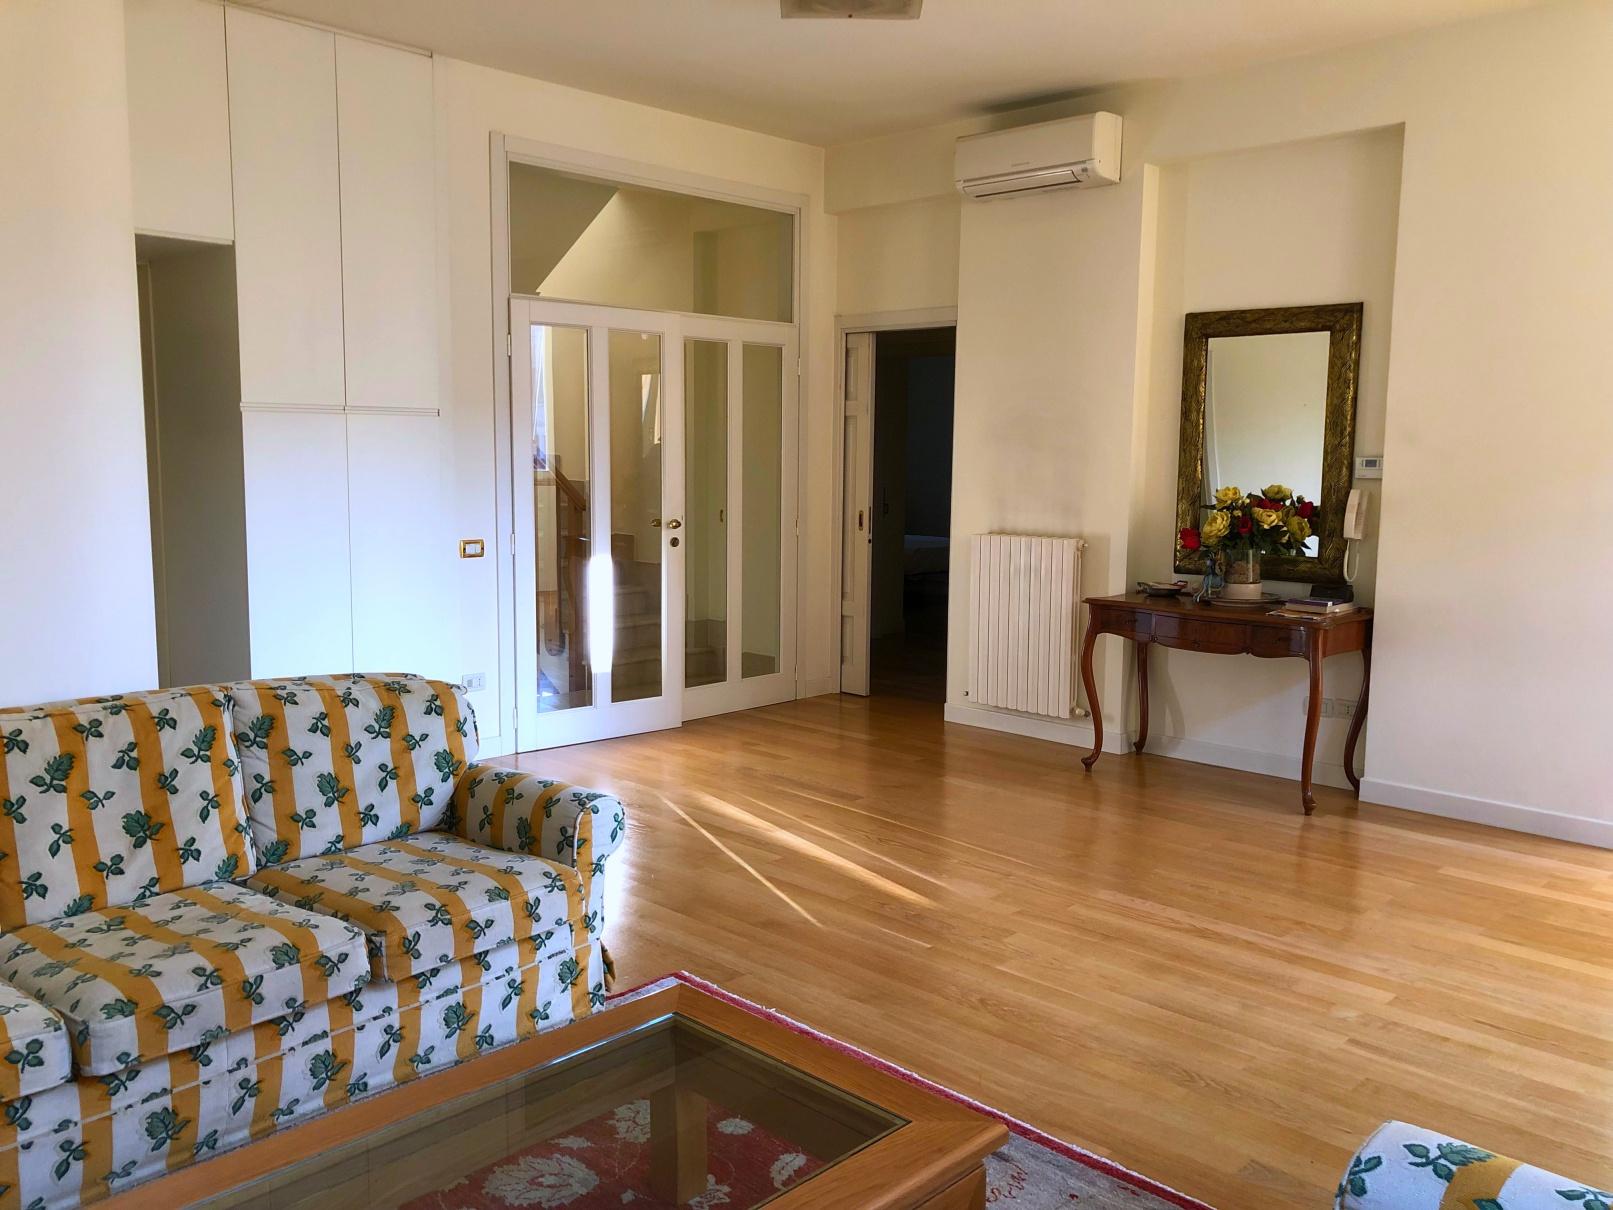 Appartamento in vendita a San Benedetto del Tronto, 6 locali, zona Località: ZonaCentrale, prezzo € 380.000   PortaleAgenzieImmobiliari.it